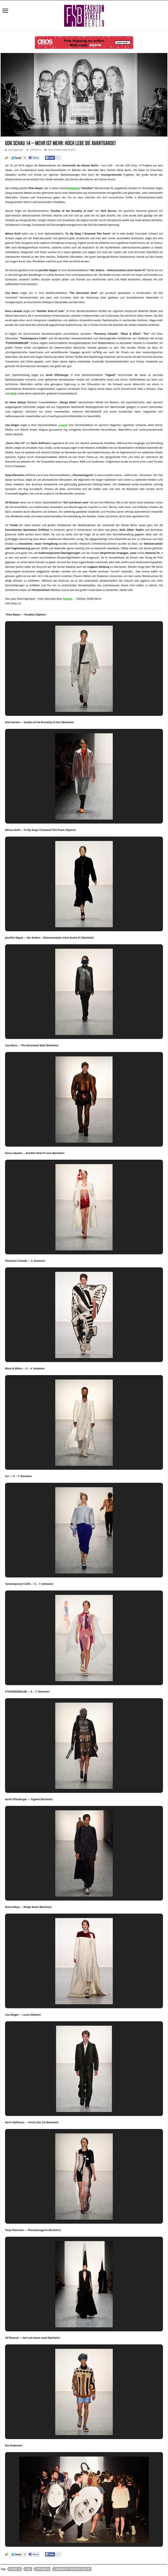 UDK Schau 14 - Mehr ist mehr-Hoch lebe die Avantgarde! - Mode, Shopping, Designer, Trends - Fashionstreet-Berlin (20150428) Kopie